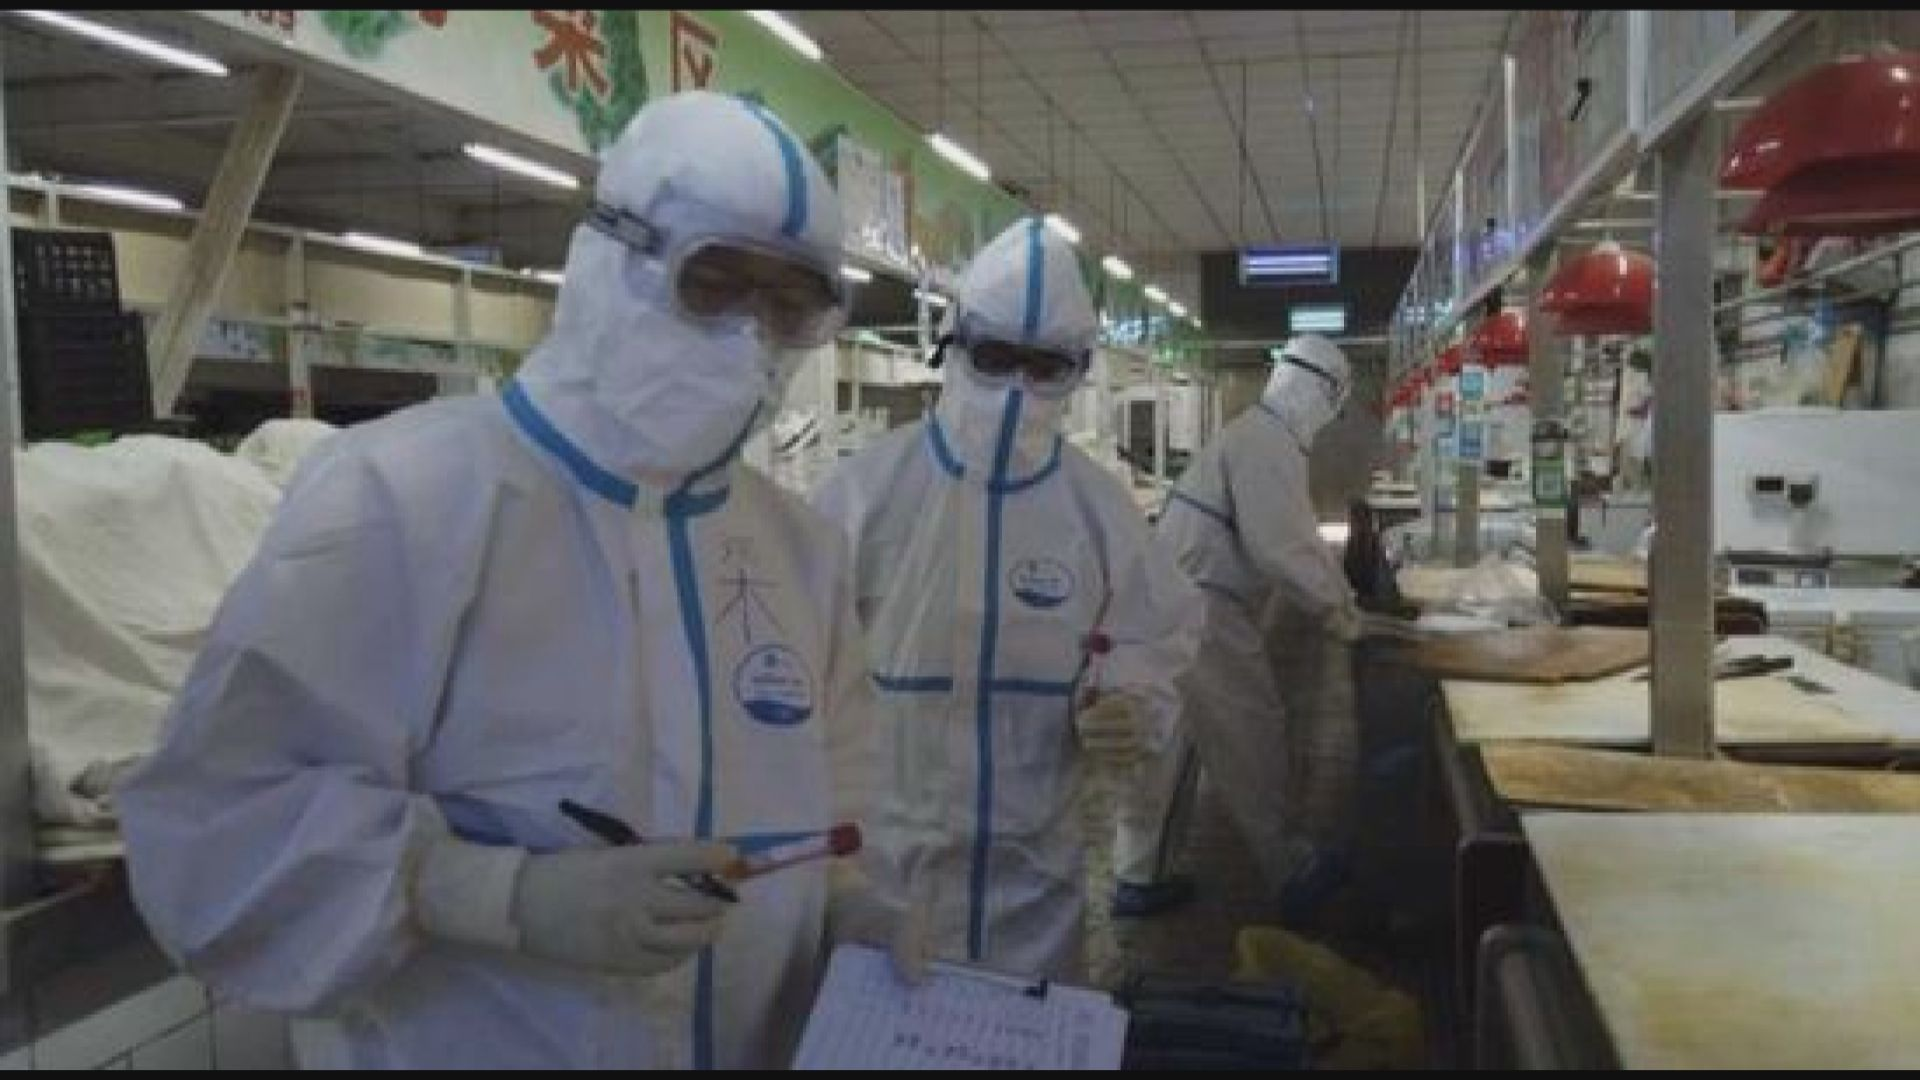 北京確診個案分布多區 海淀玉泉市場要關閉